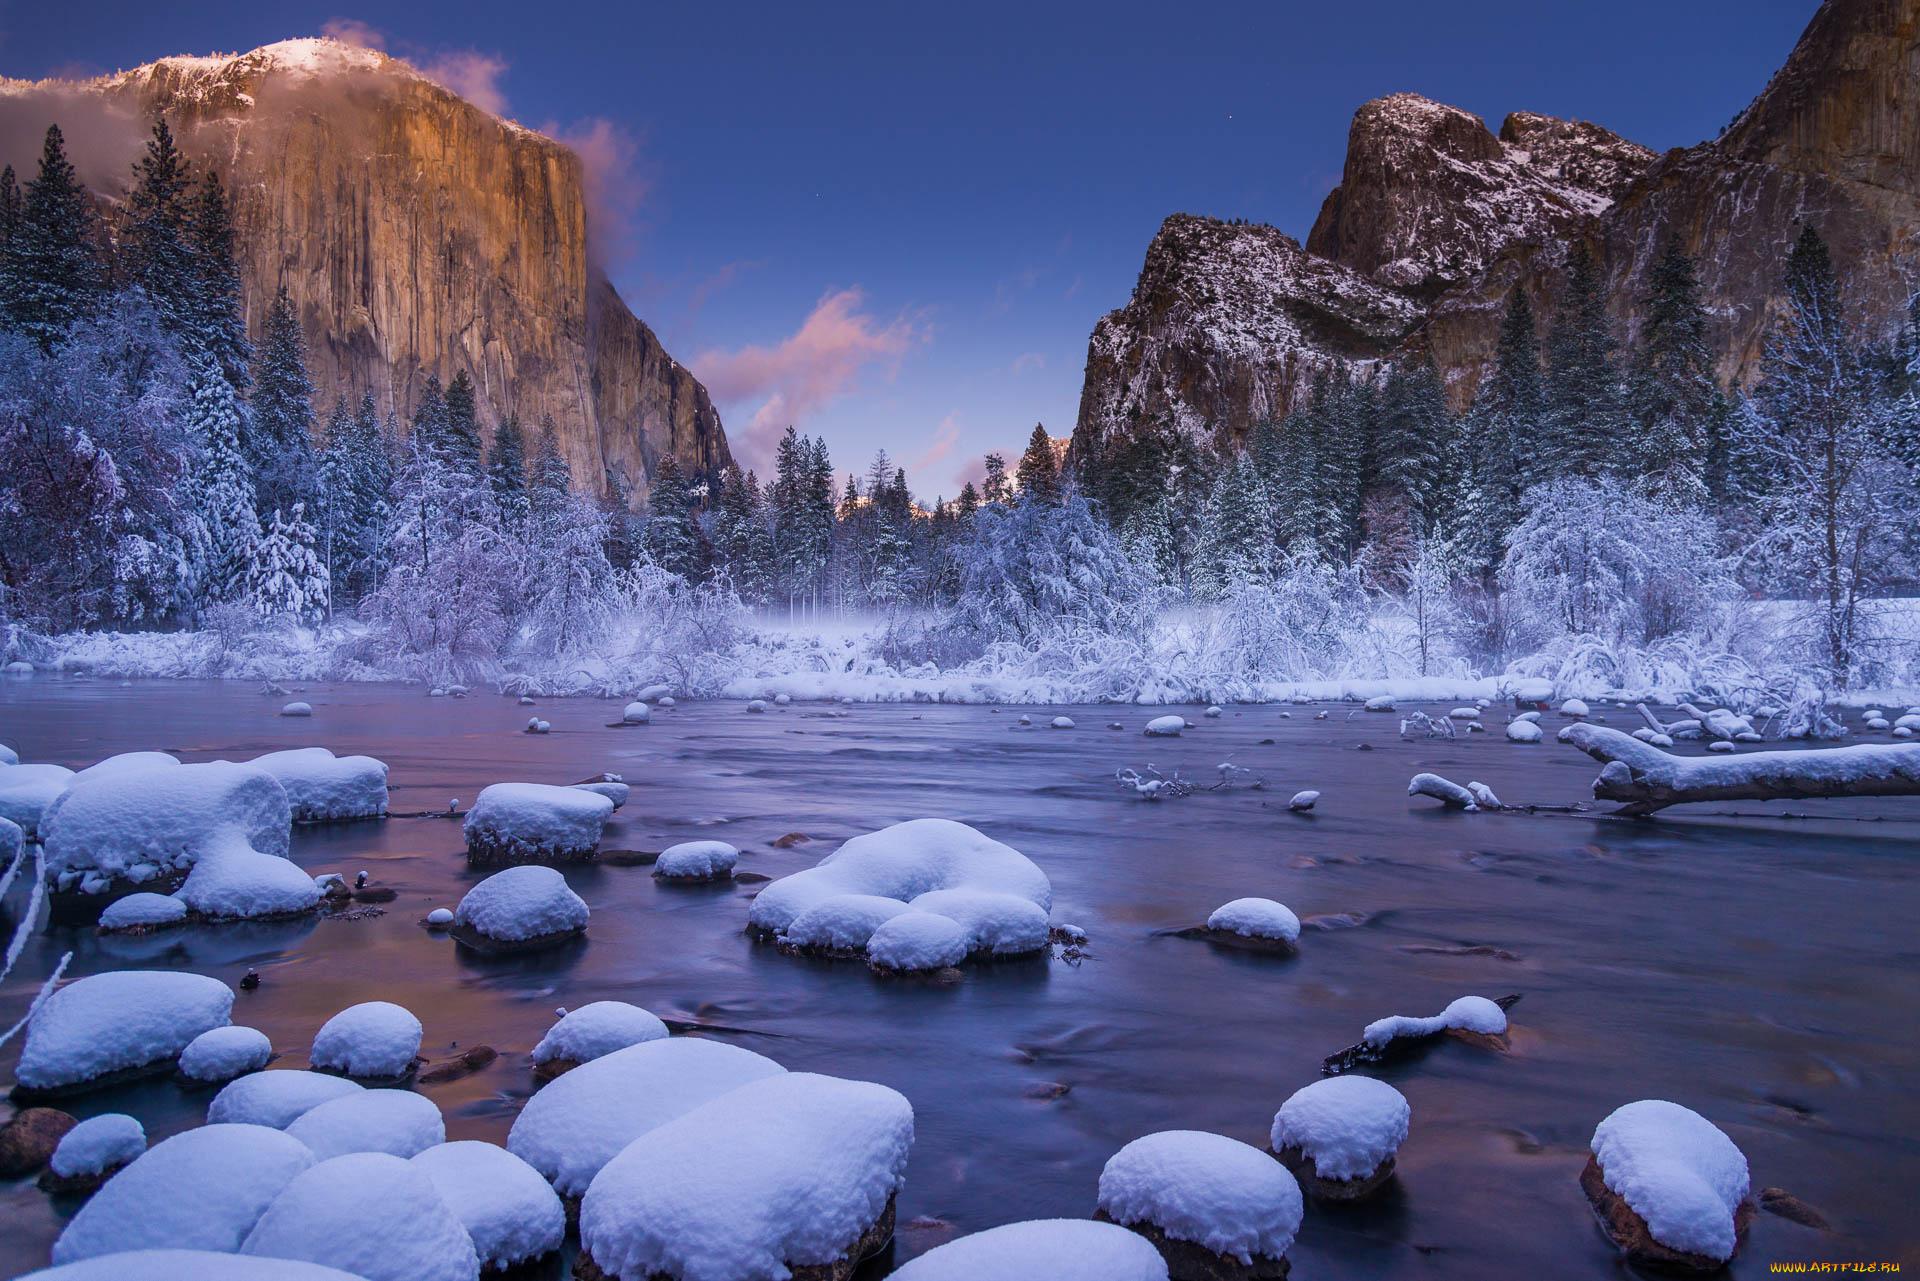 природа деревья скалы горы зима снег загрузить